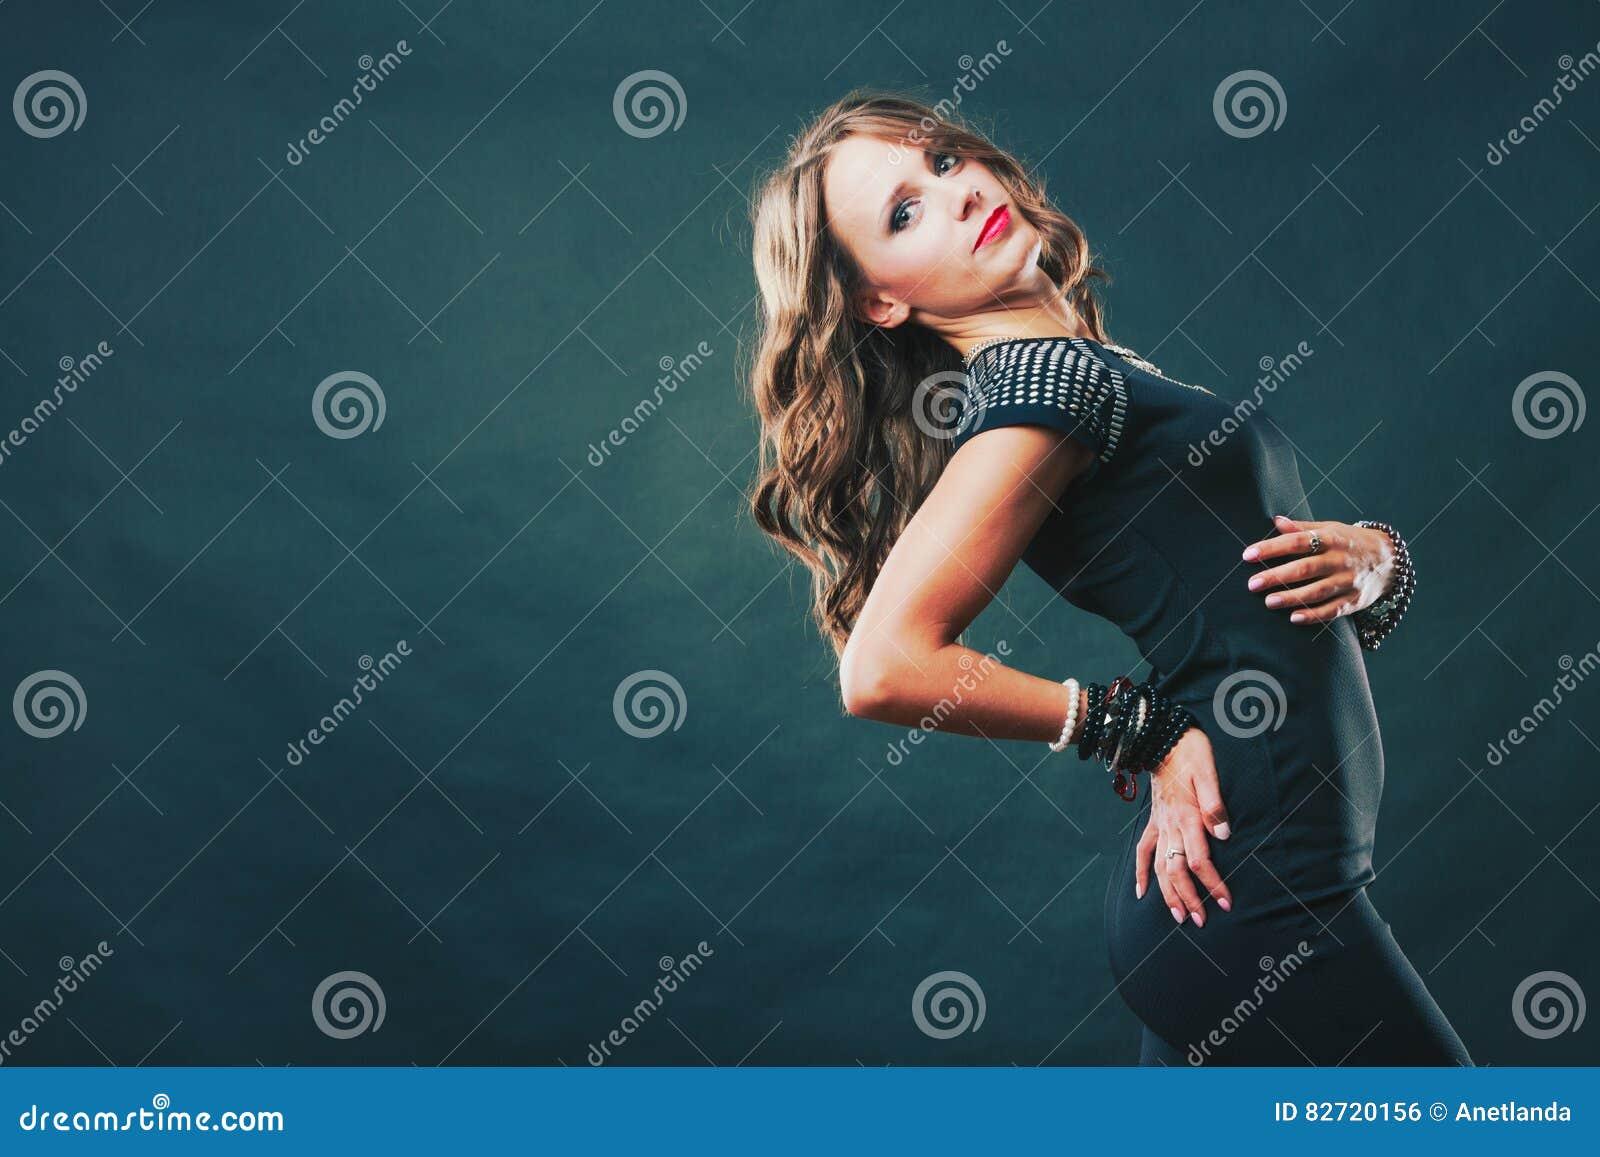 Γυναίκα με τα κοσμήματα στο μαύρο φόρεμα βραδιού